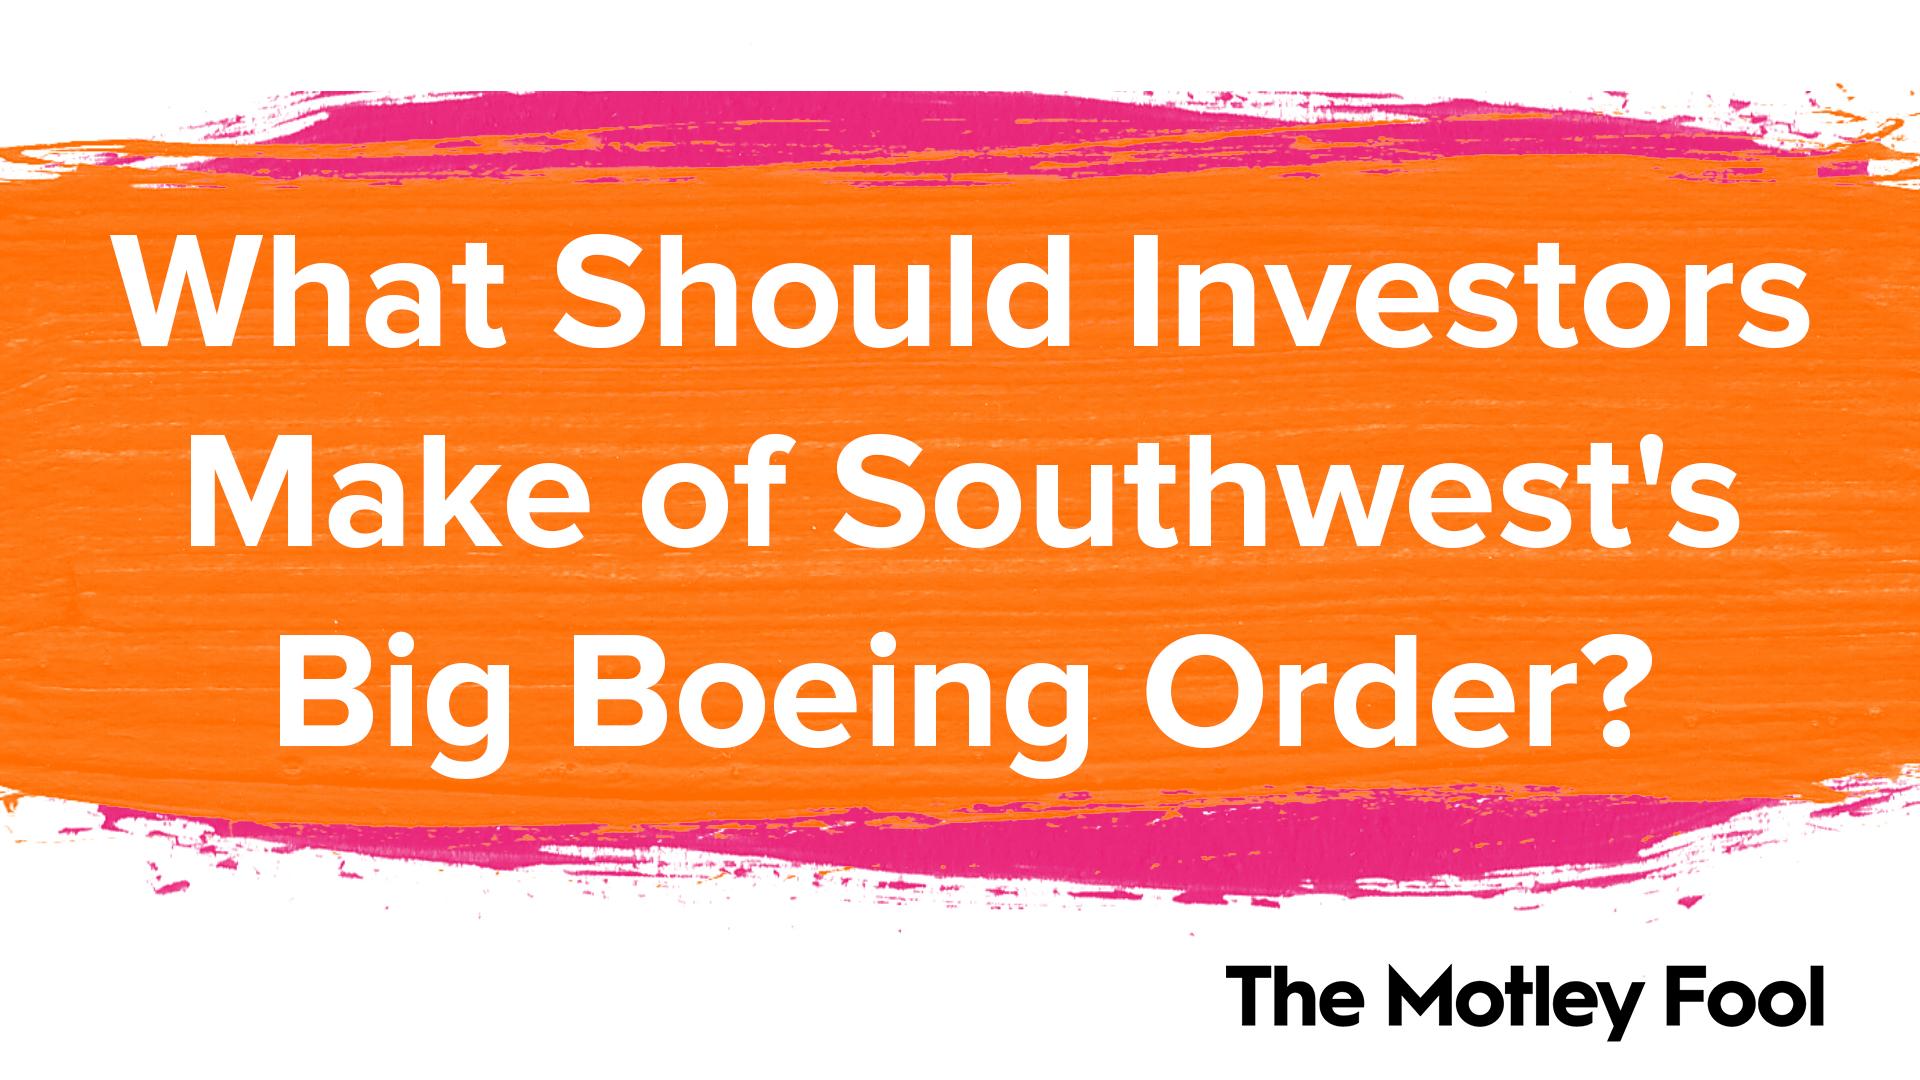 What Should Investors Make of Southwest's Big Boeing Order?